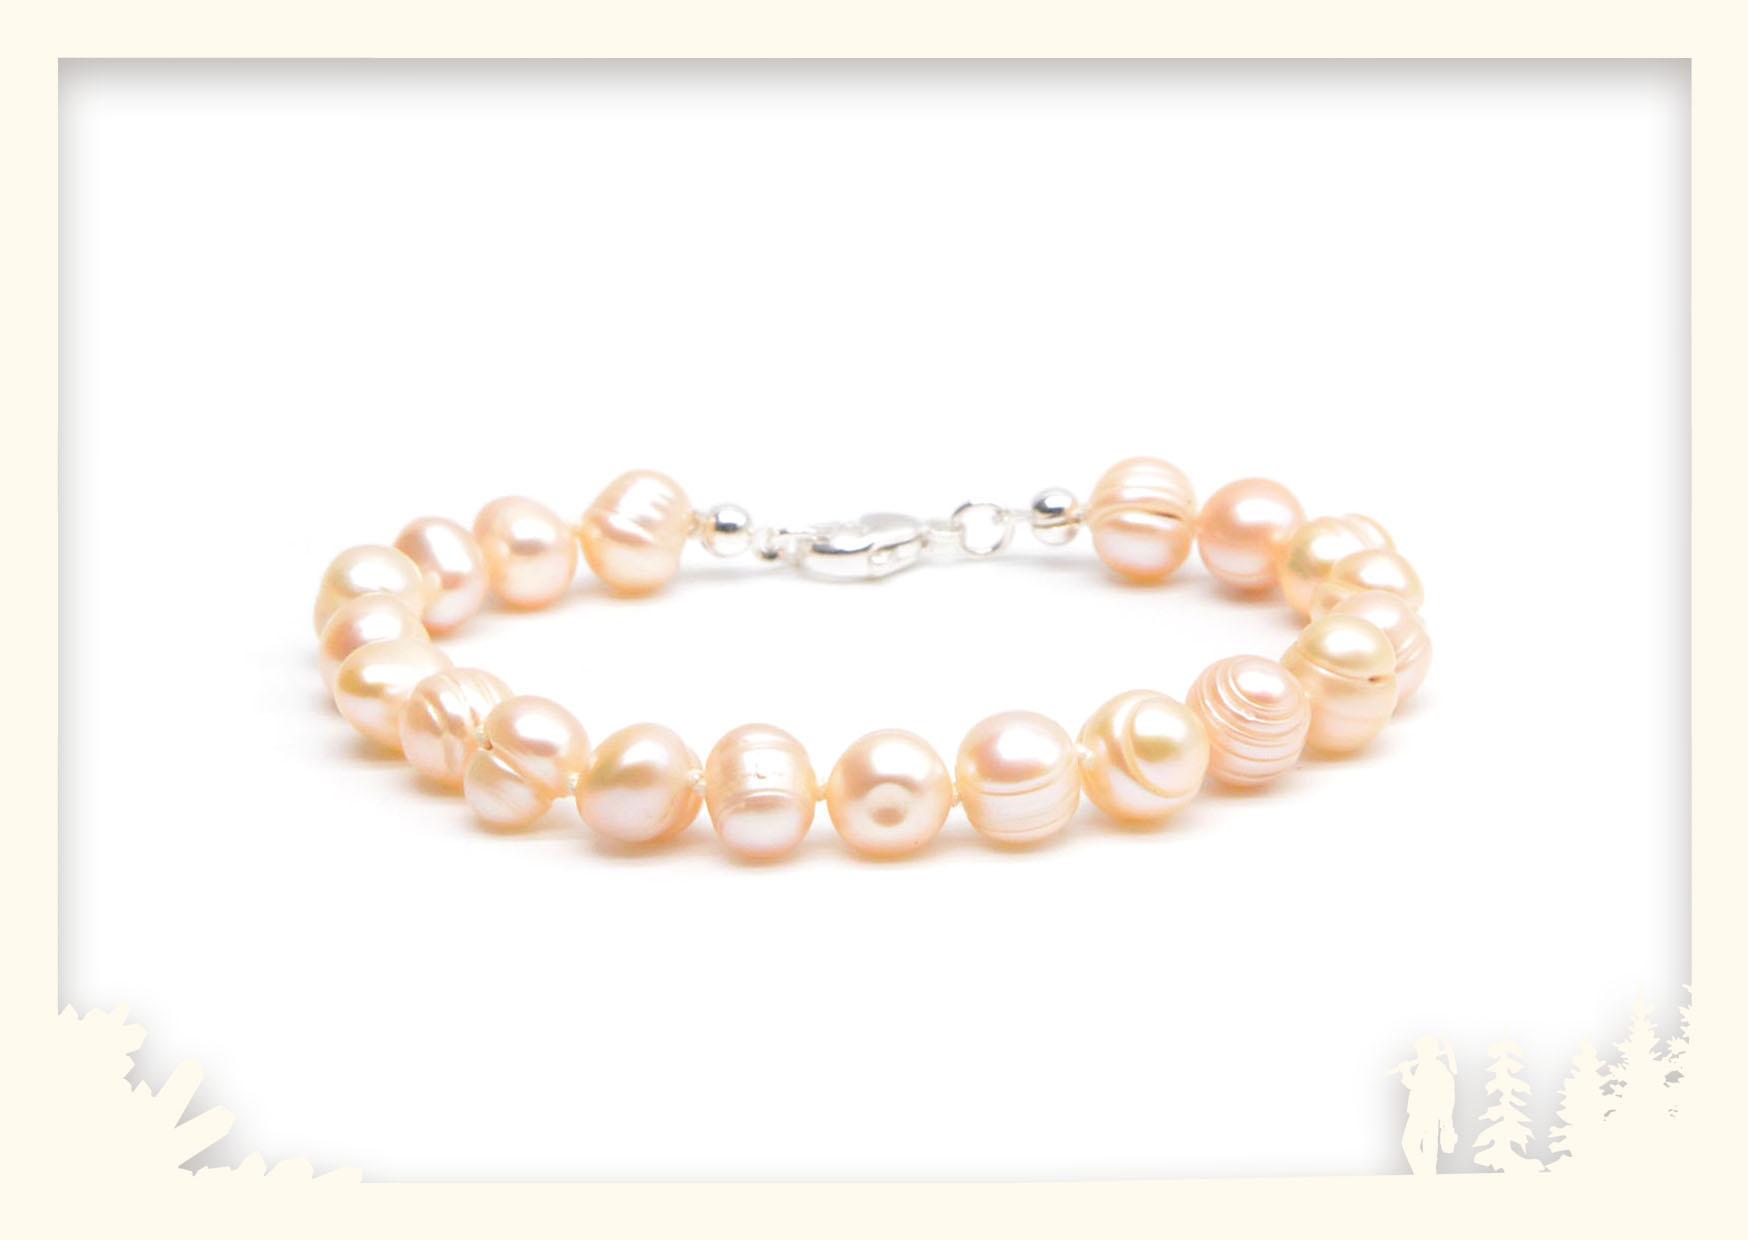 Kugelarmband Perle Image